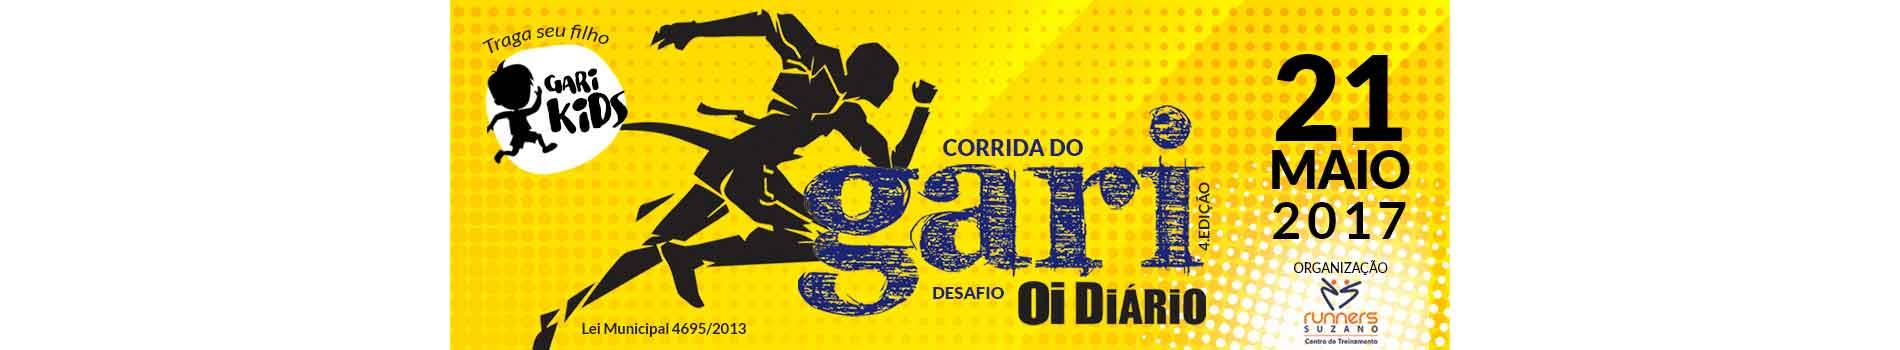 4º EDIÇÃO CORRIDA DO GARI - DESAFIO OI DIÁRIO - Imagem de topo